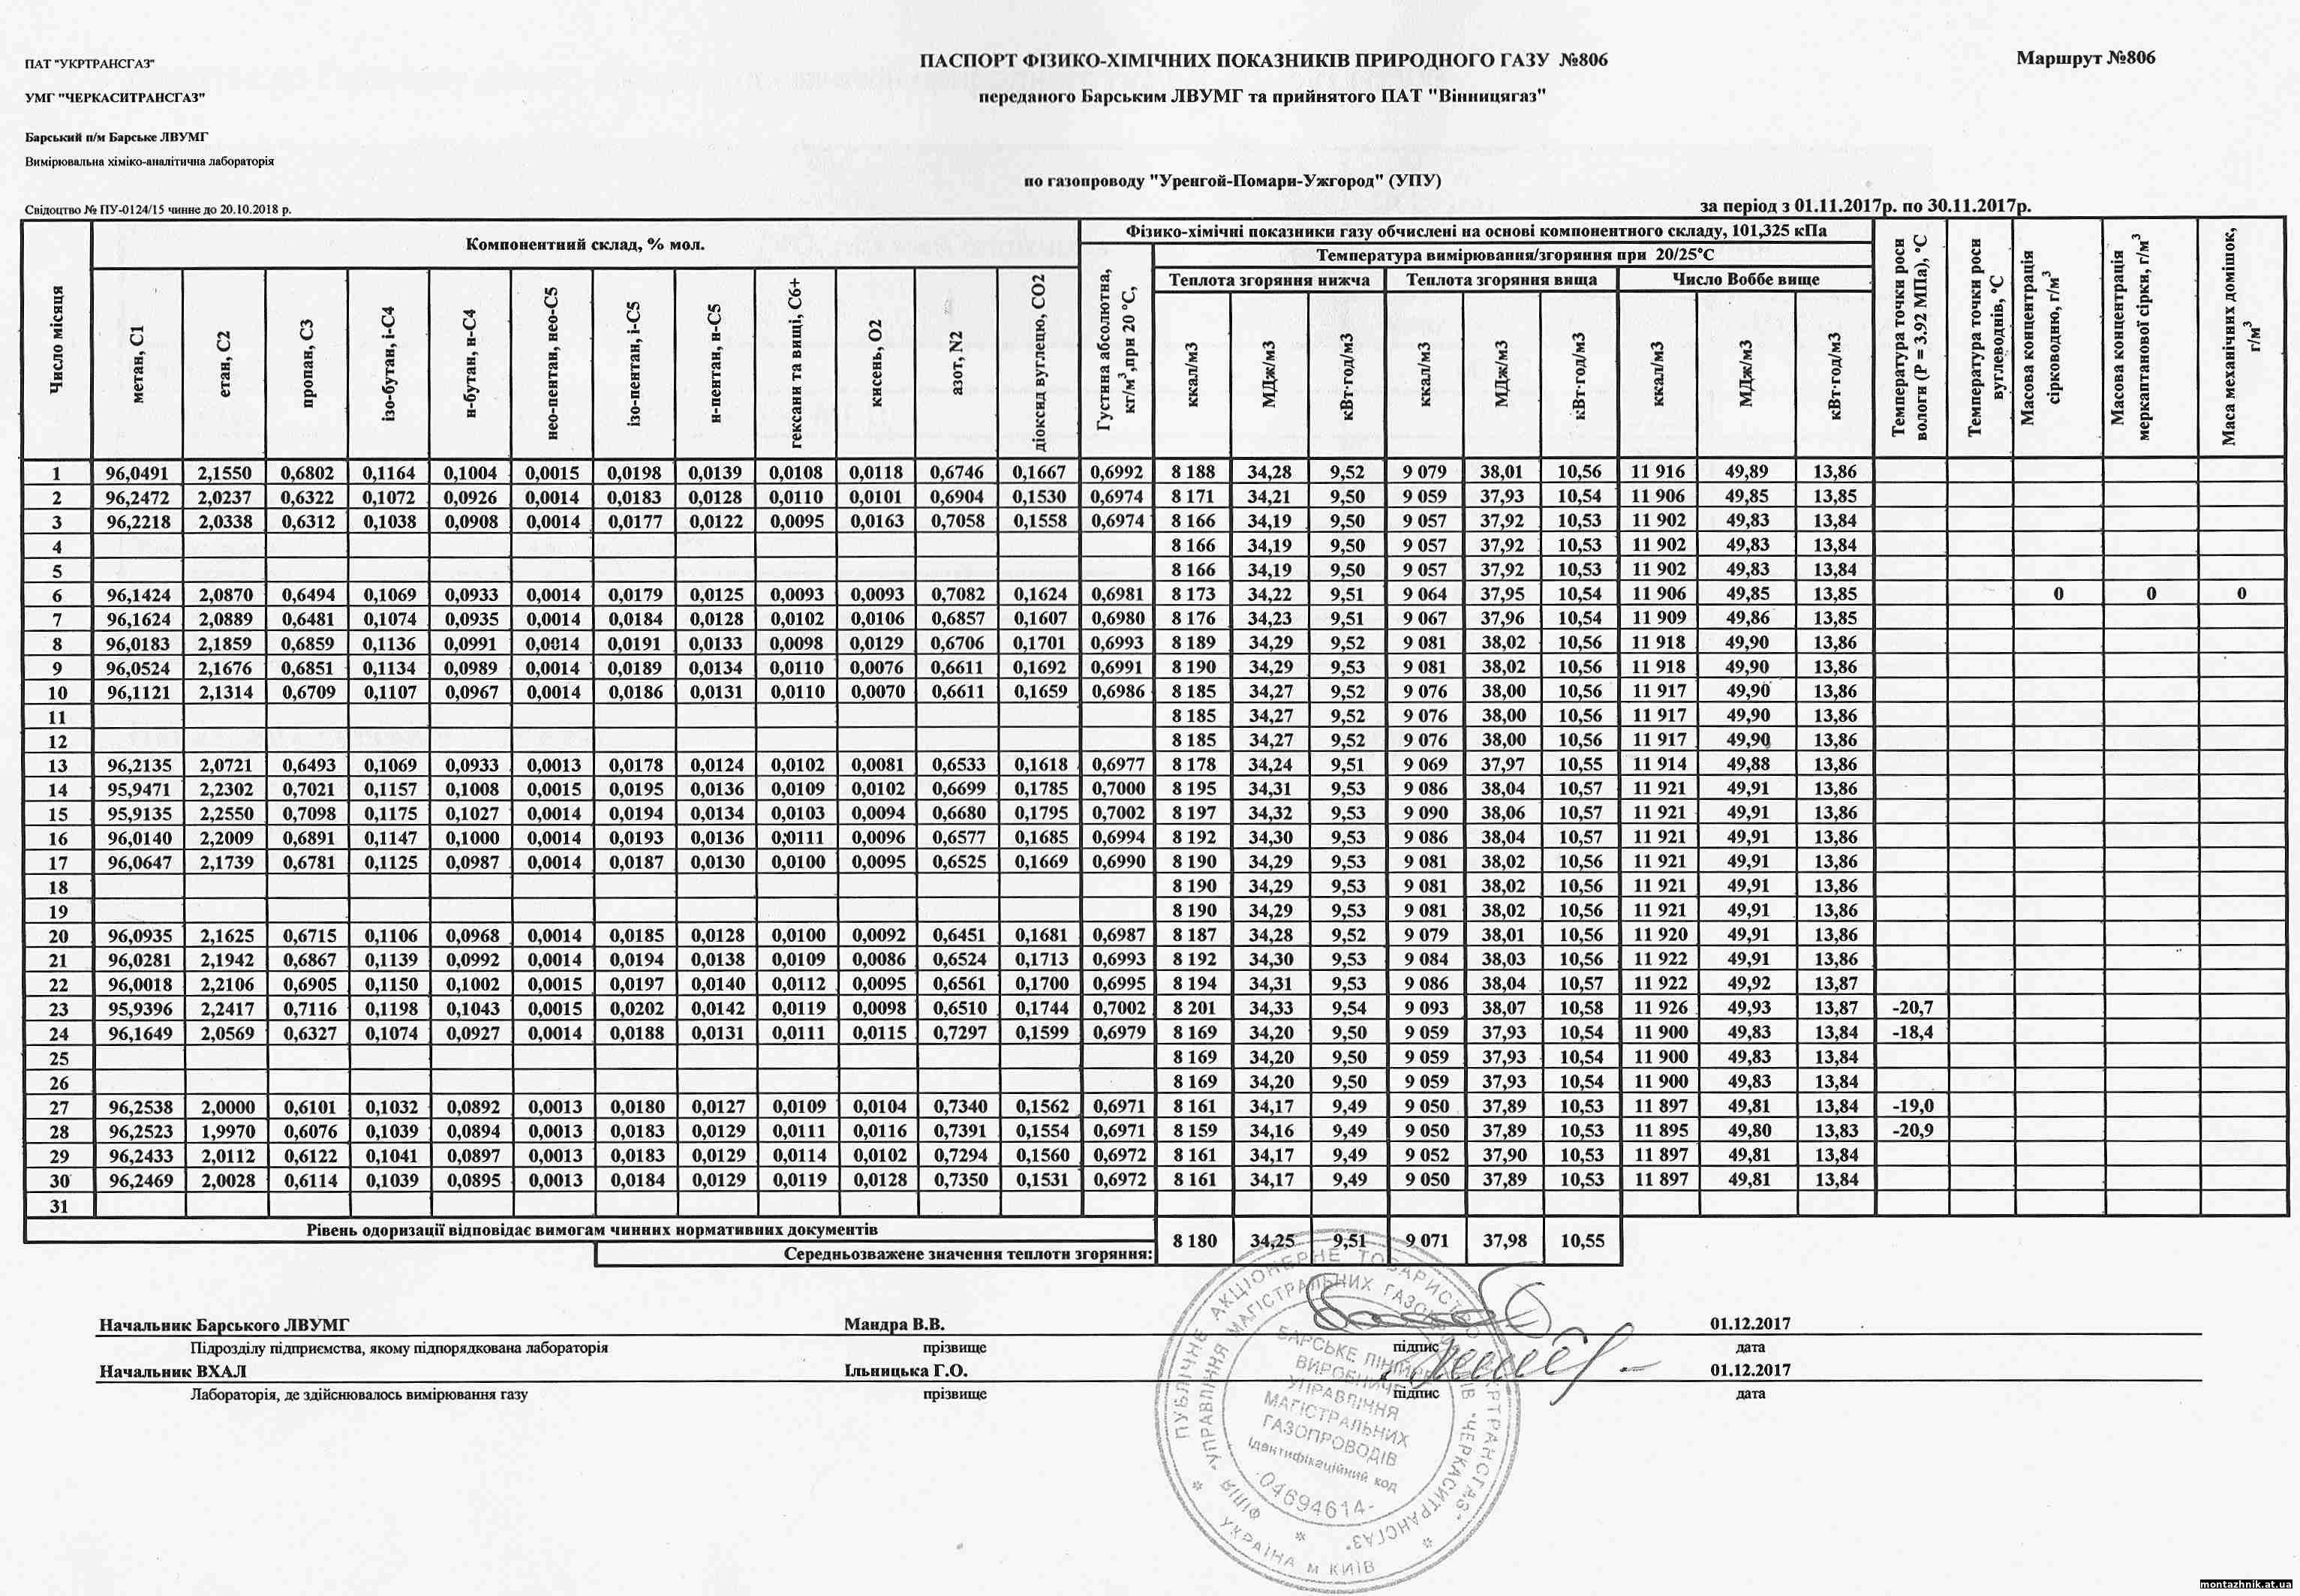 Паспорт фізико-хімічних показників природного газу за листопад 2017 р. по ДП Монтажник